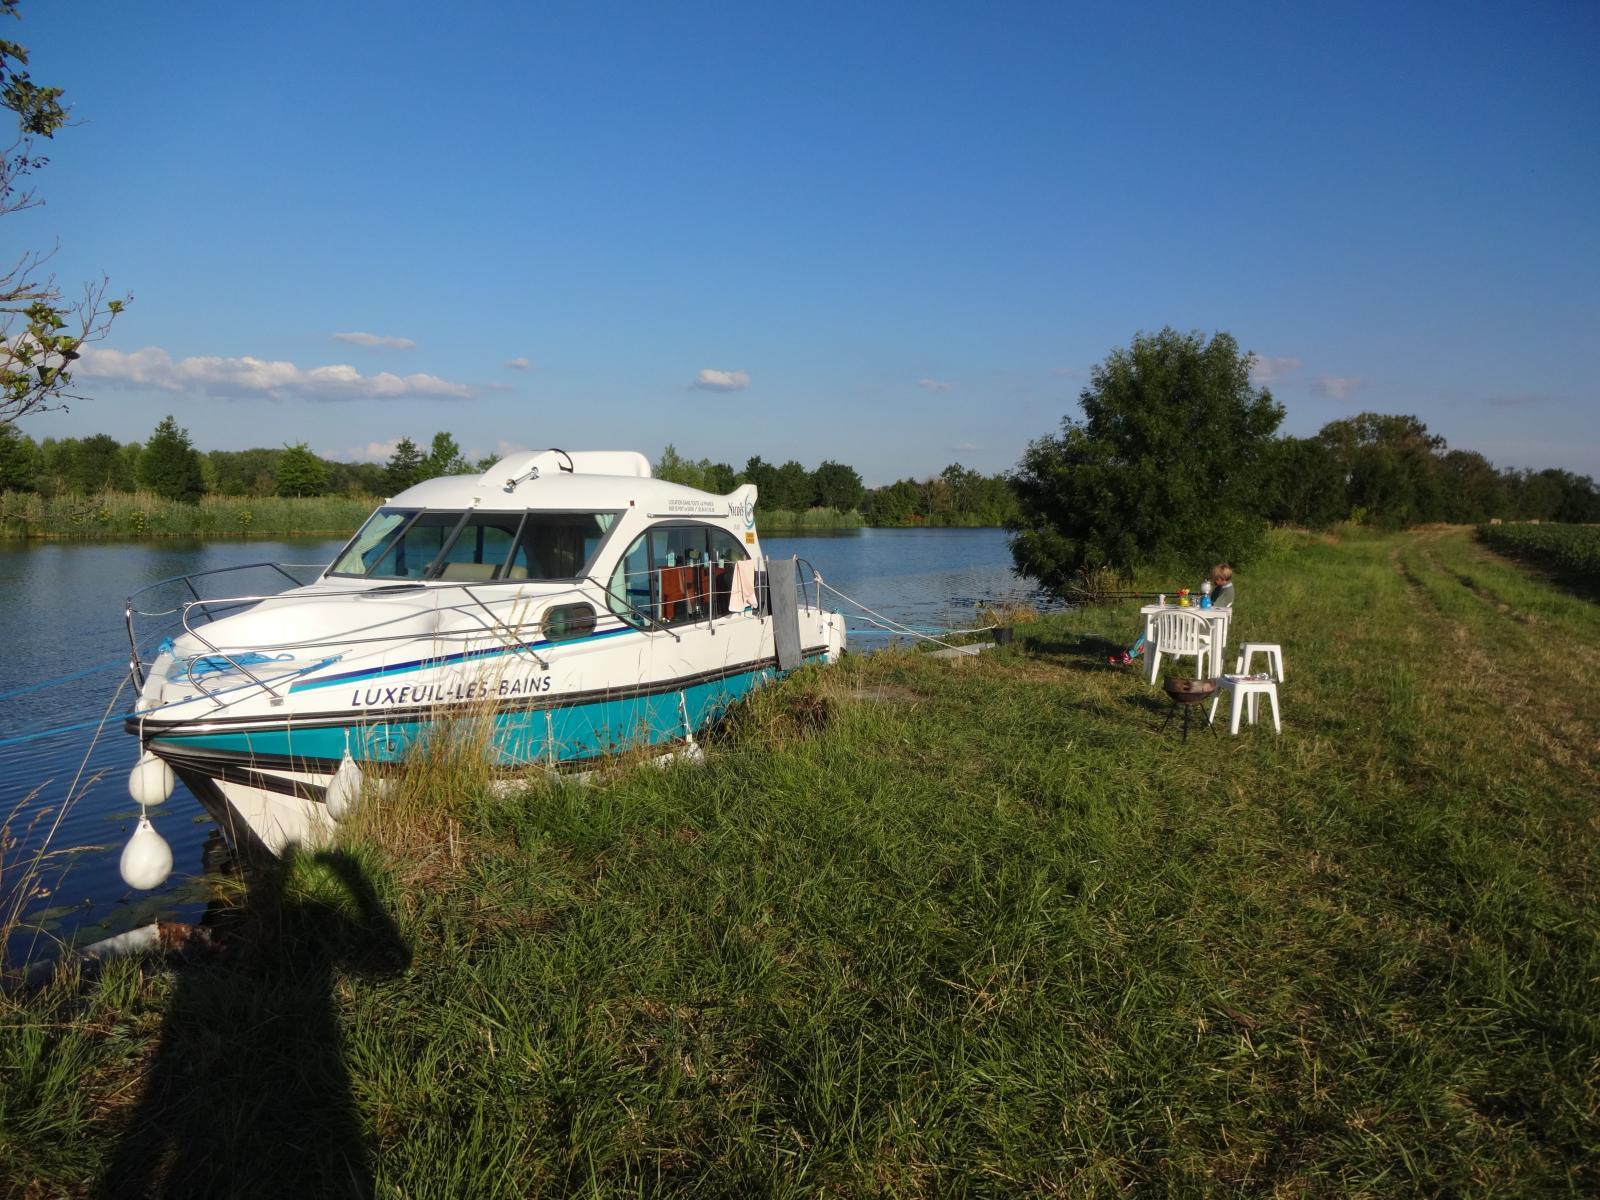 Mit dem Hausboot in der Natur anlegen